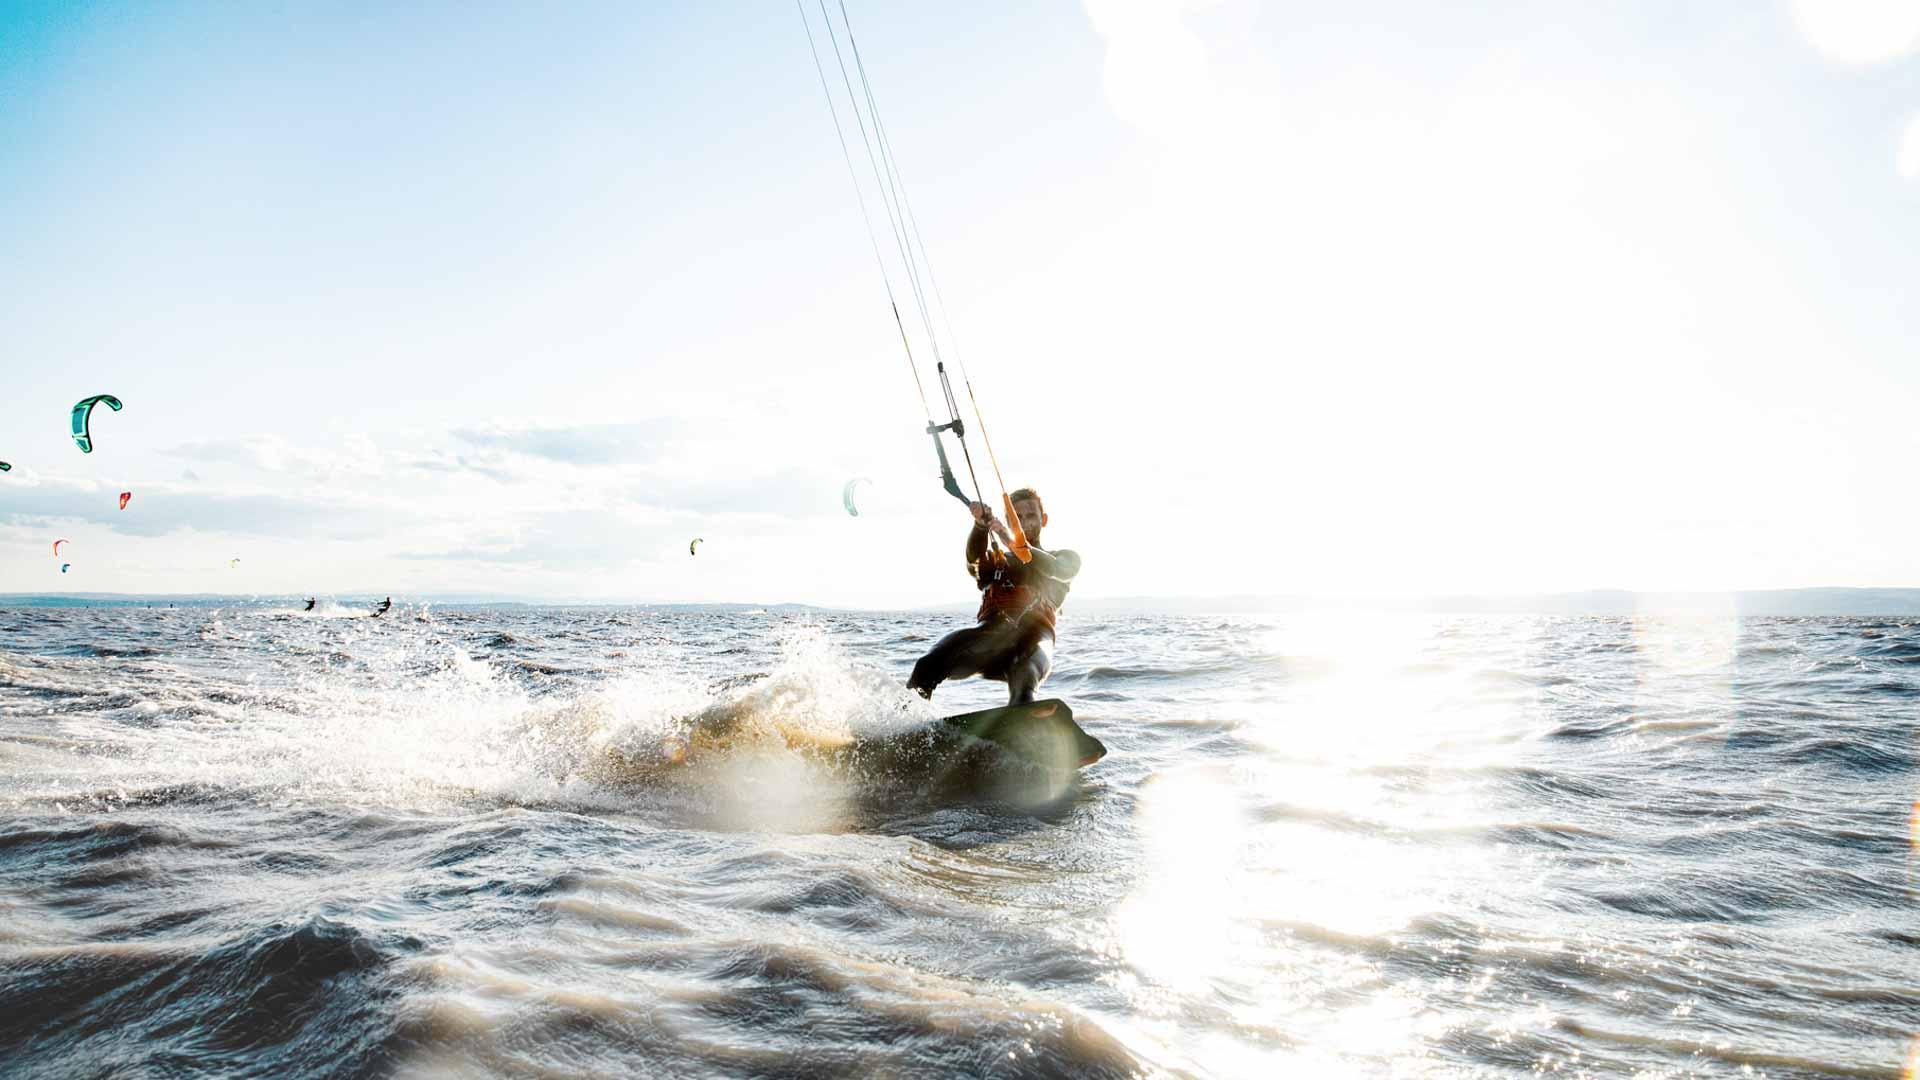 Kitesurfer kitet mit Sonnenschein im Hintergrund über den Neusiedlersee